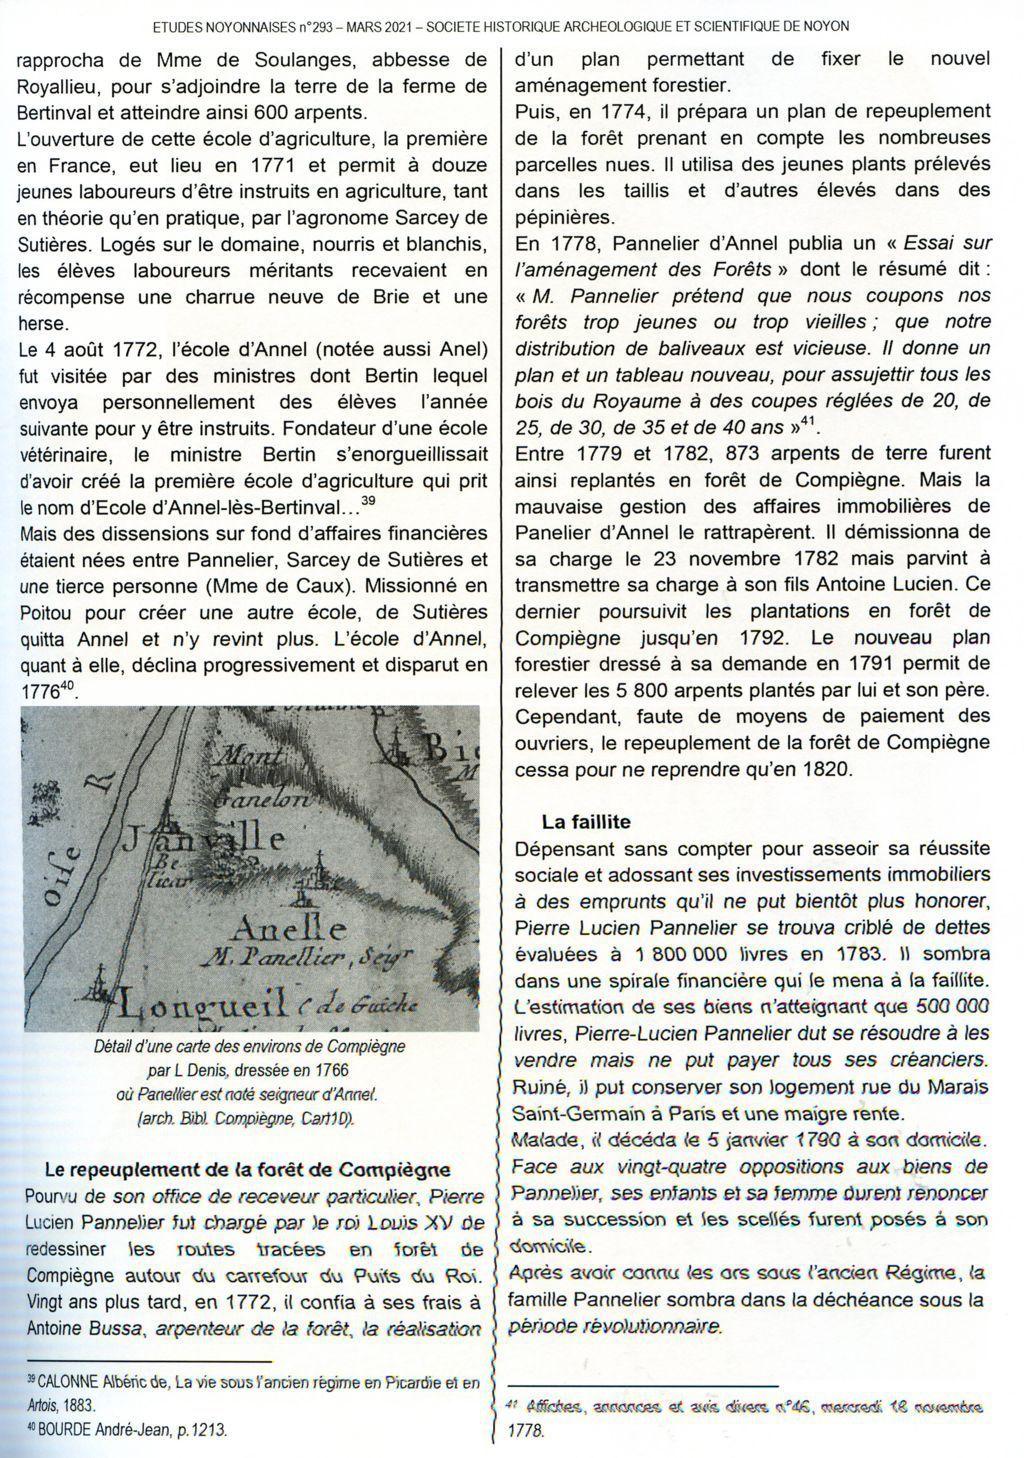 Album - le village de Longueil-Annel (Oise), le chateau d'Annel par Jean-Yves Bonnard, société historique de Noyon